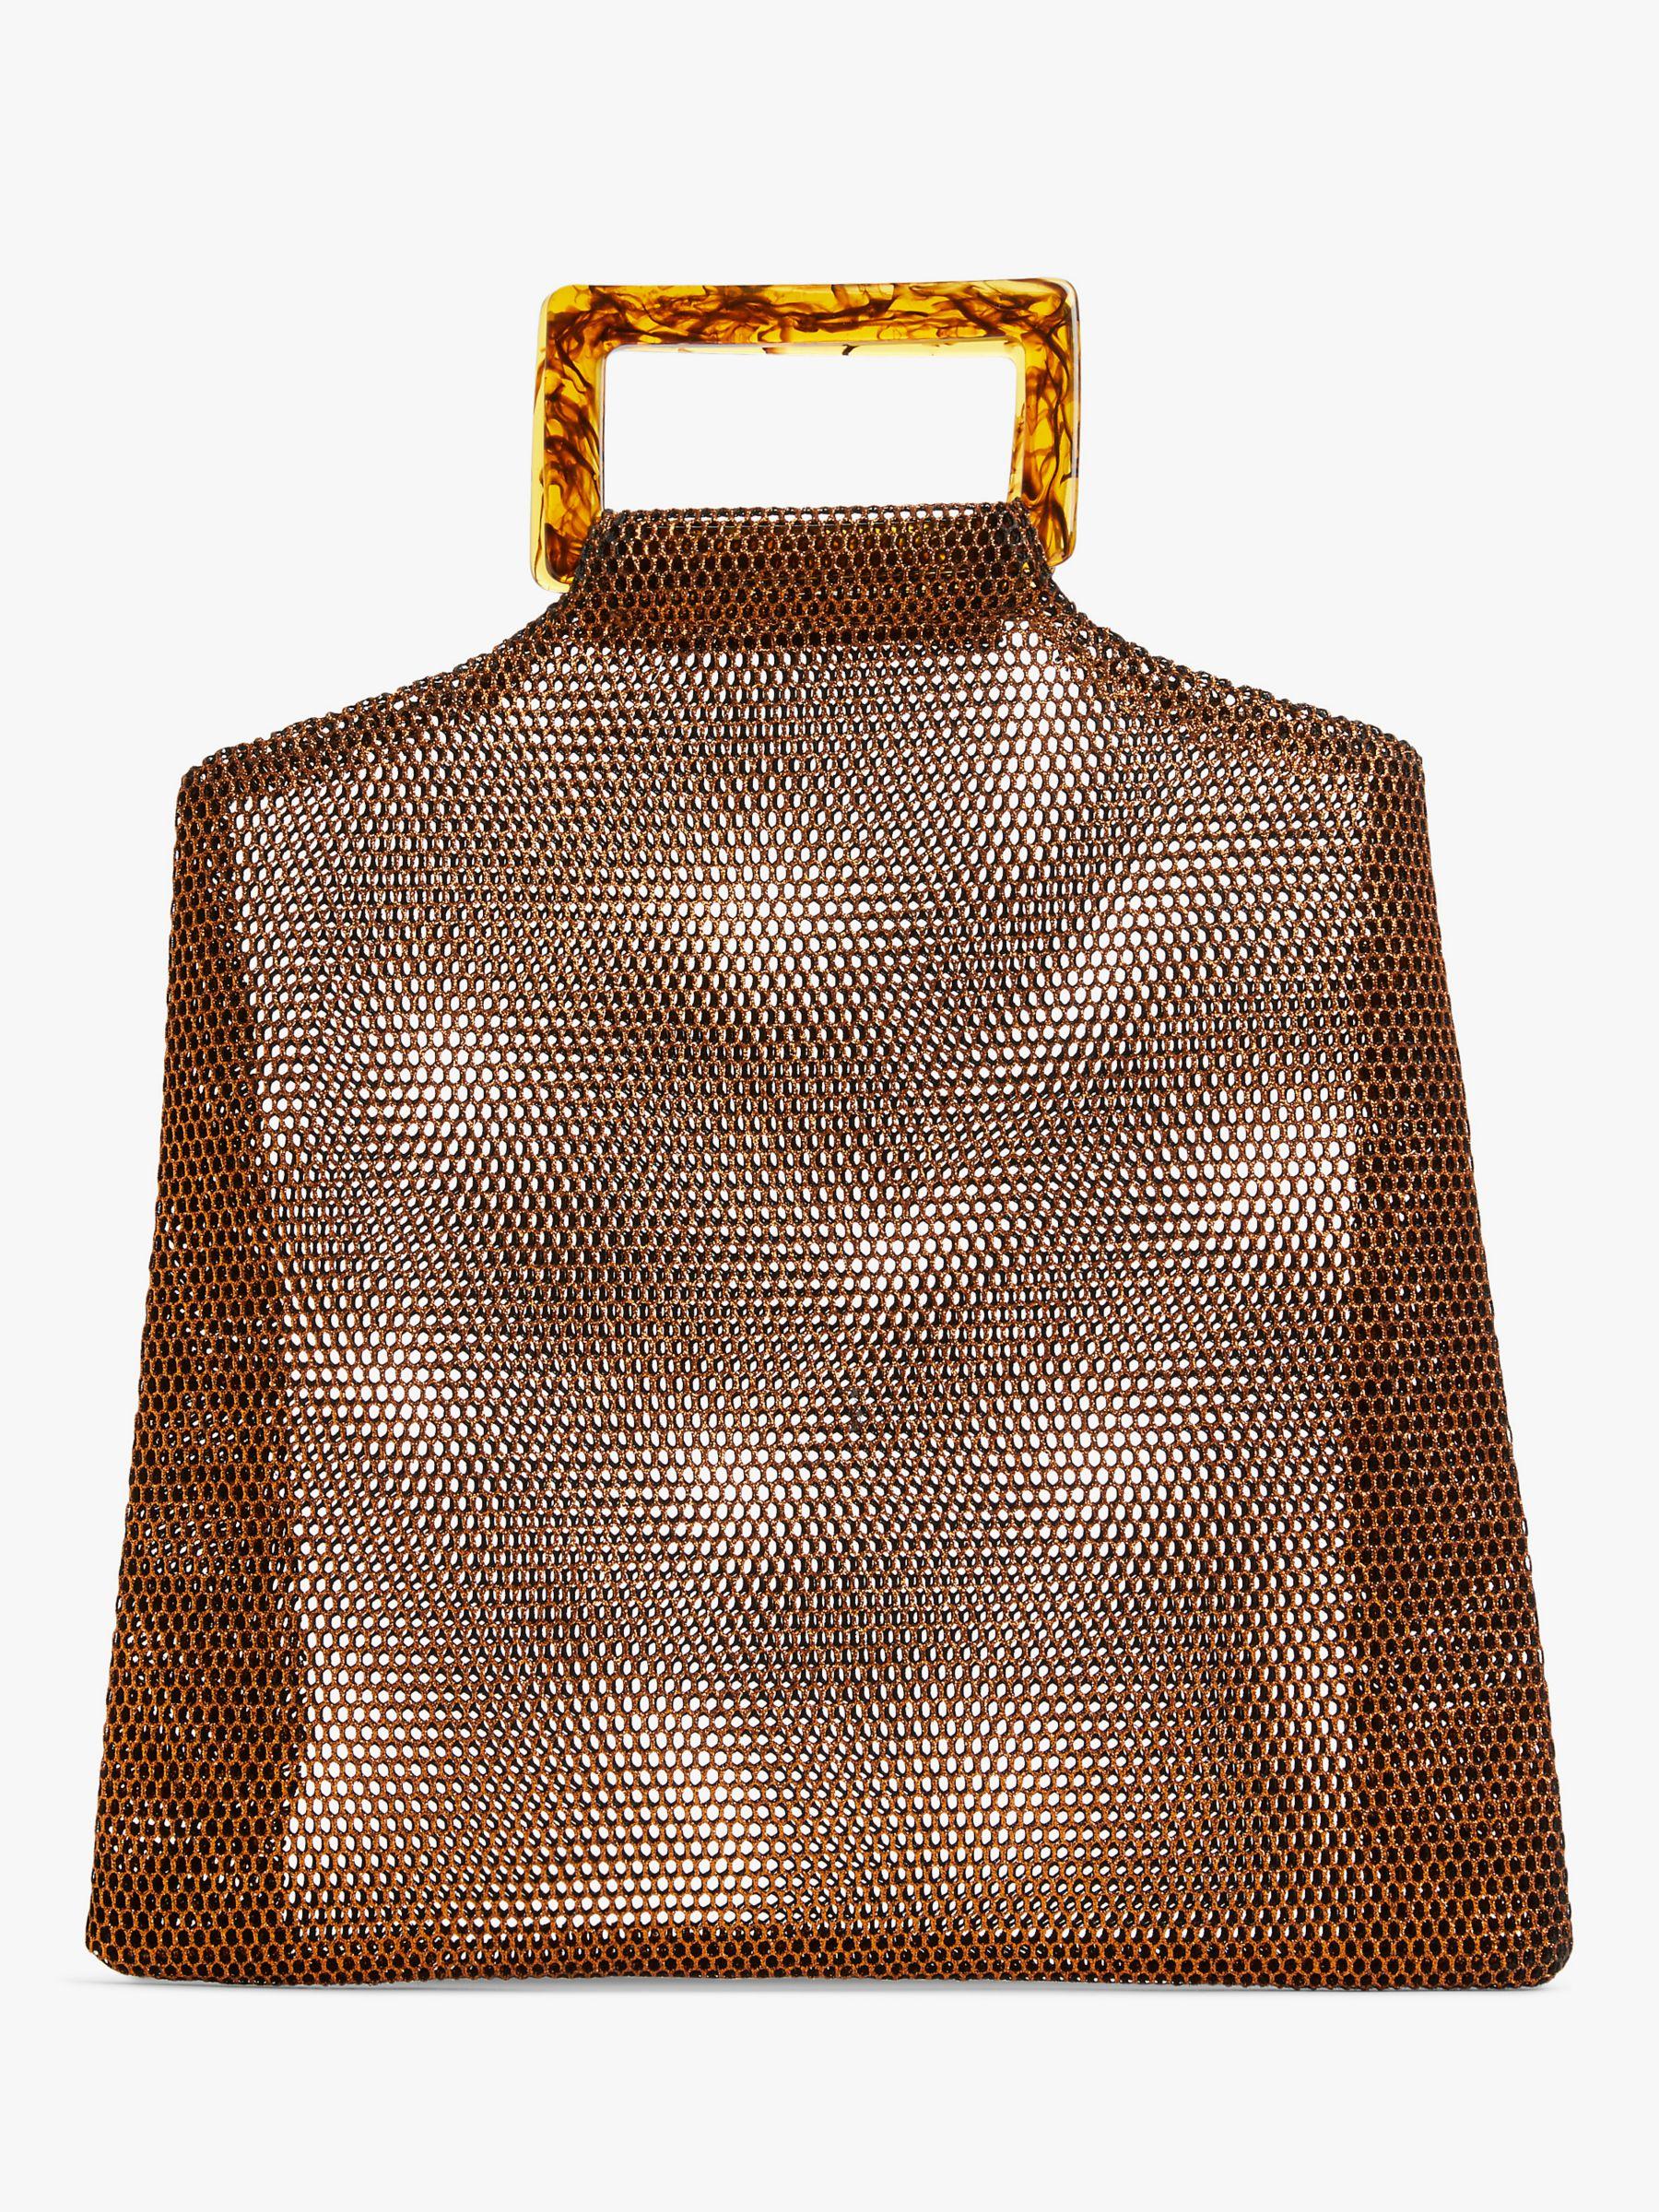 Becksondergaard Becksondergaard Glimmer Embellished Clutch Bag, Black/Silver